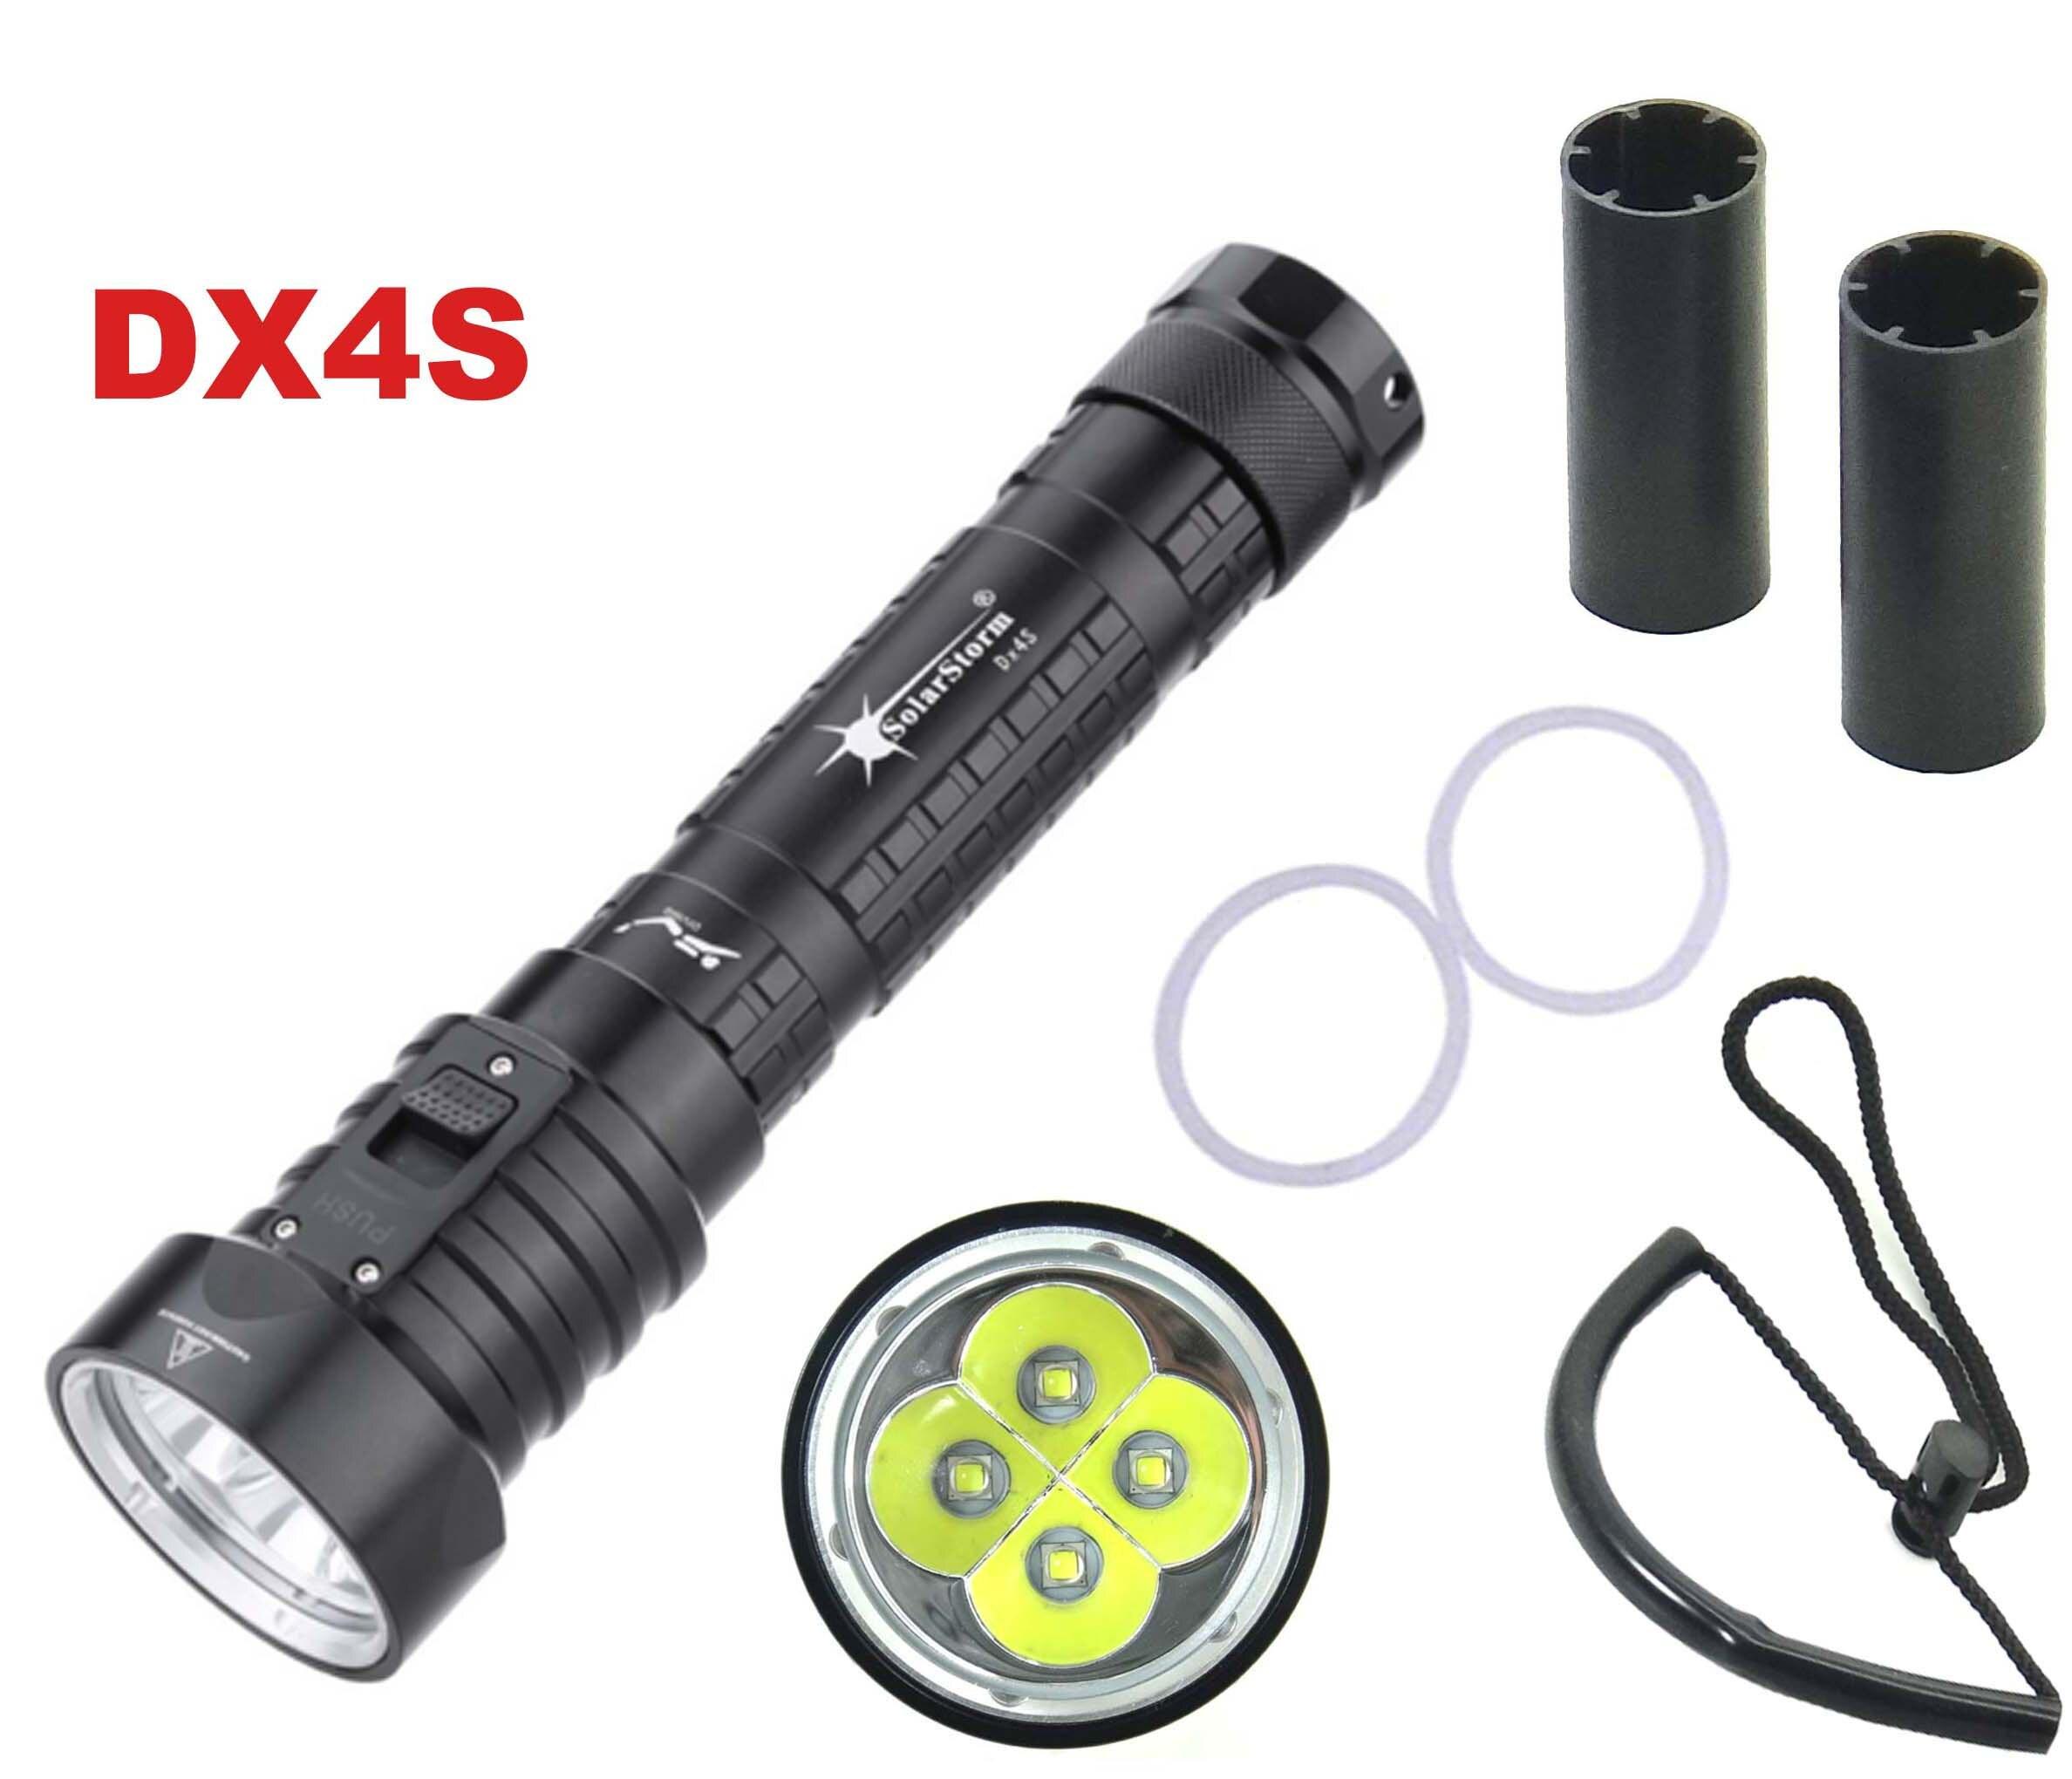 Solarstorm DX4S LED Tauchen Taschenlampe 4x CREE L2 4L2 Unterwasser 18650 26650 Taschenlampe Helligkeit Wasserdichte 100 m Licht Led Taschenlampe